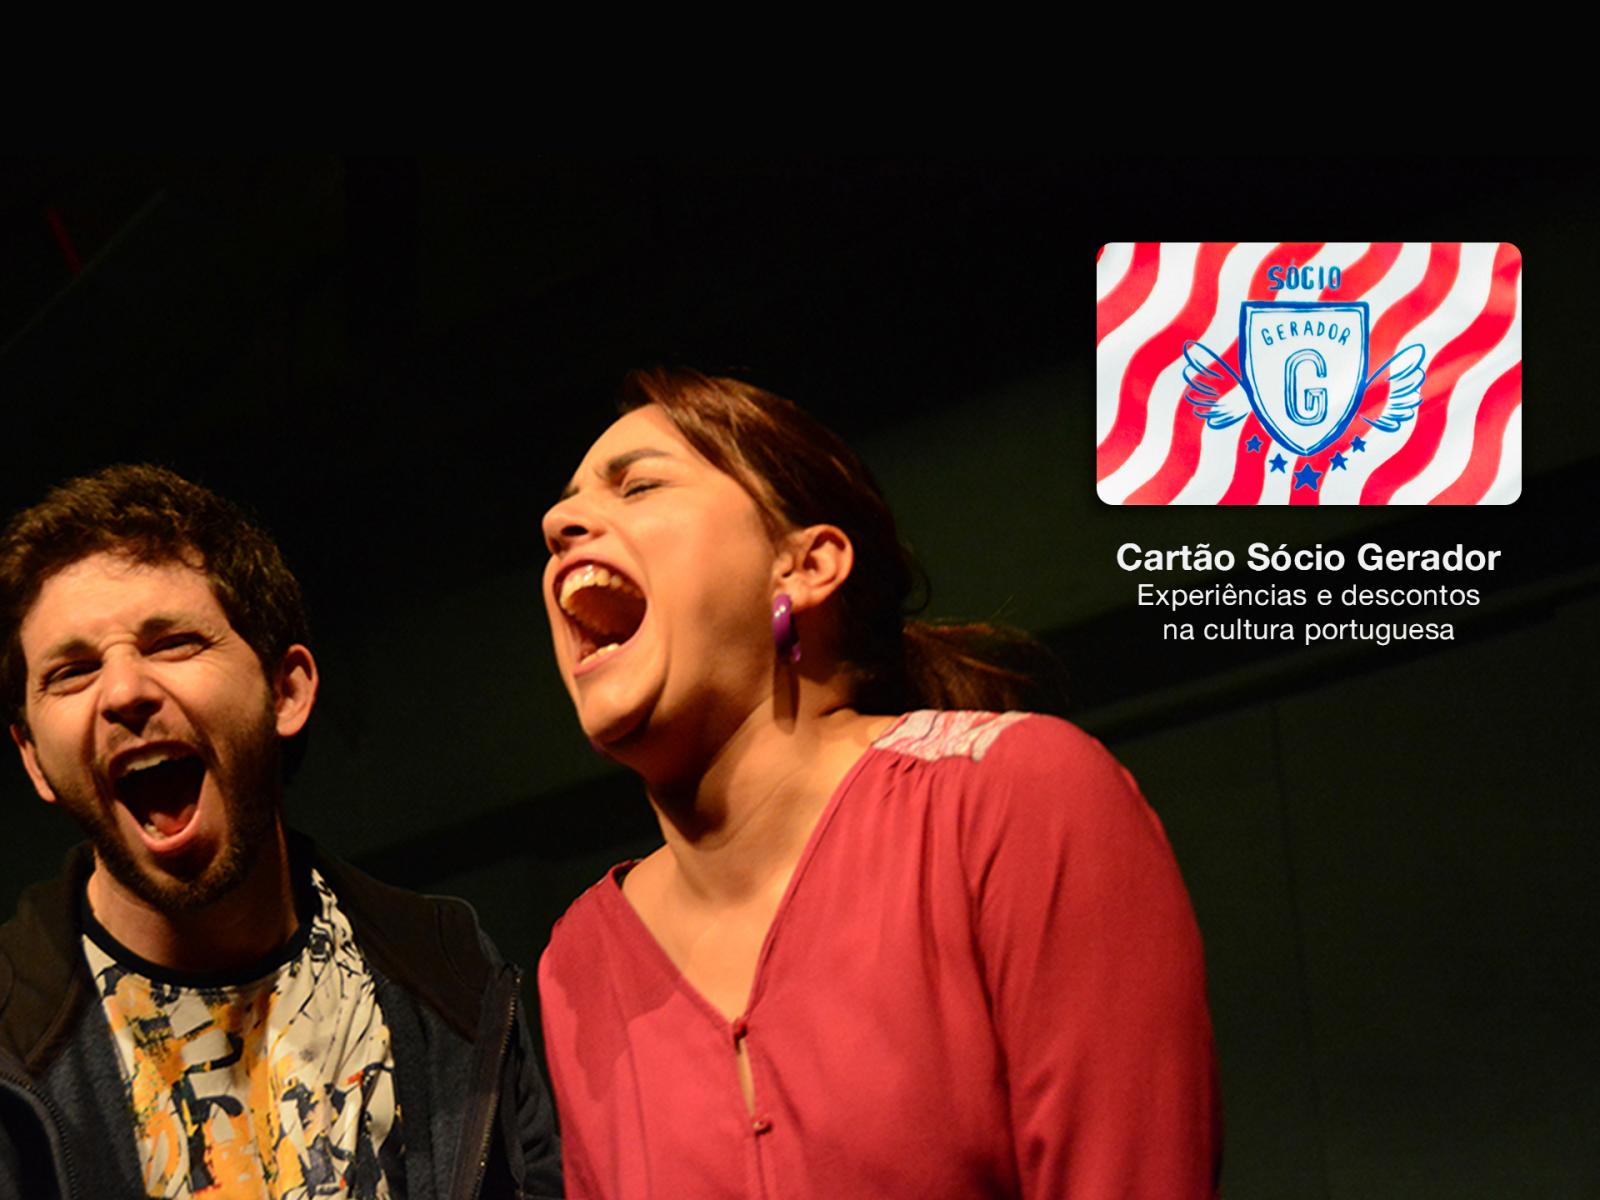 convites_duplos_teatro_aberto_socios_gerador